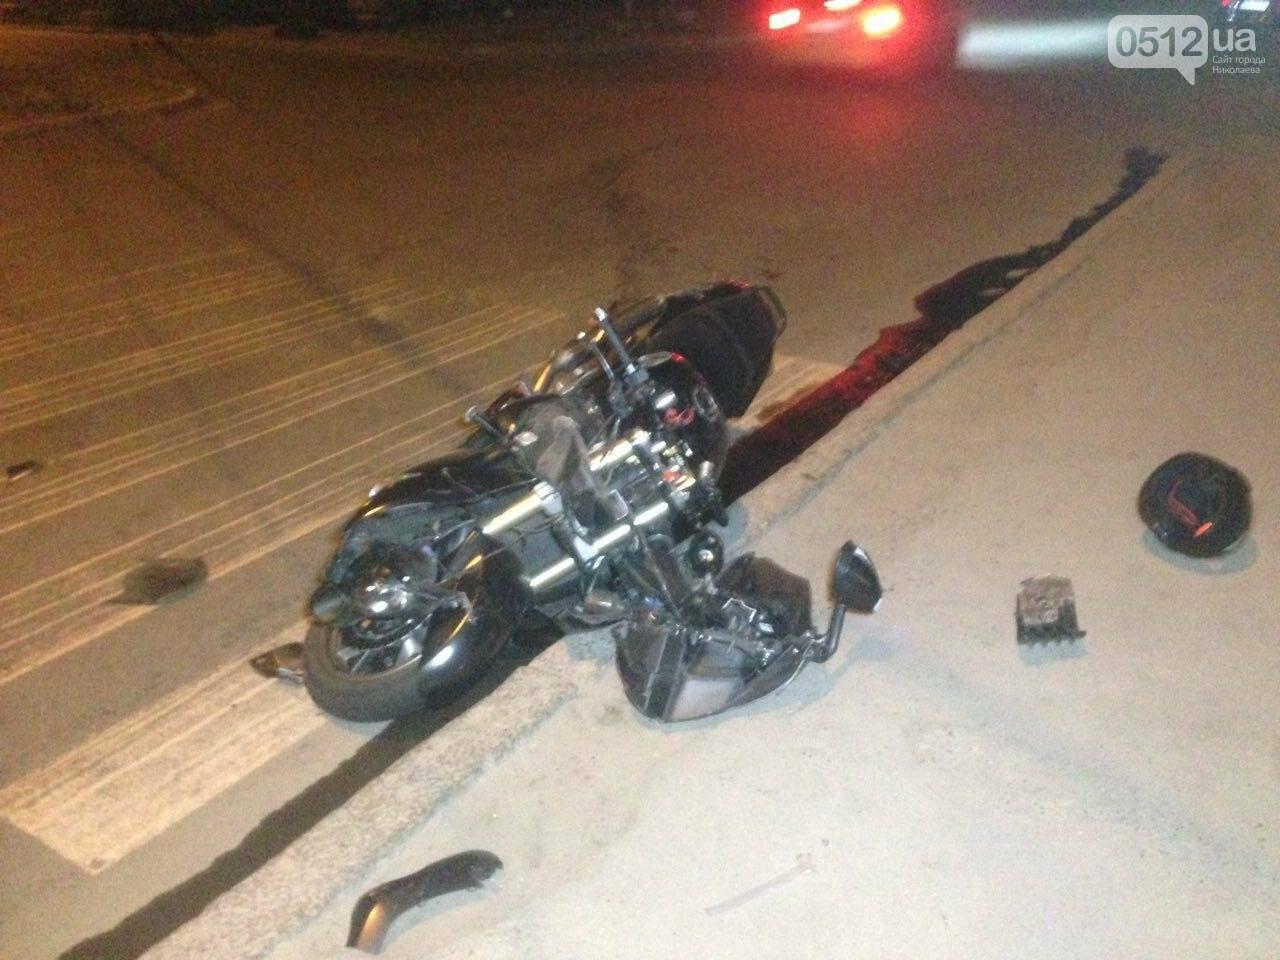 В Николаеве пьяный мотоциклист на большой скорости въехал в легковушку: есть пострадавшие, - ФОТО , фото-3